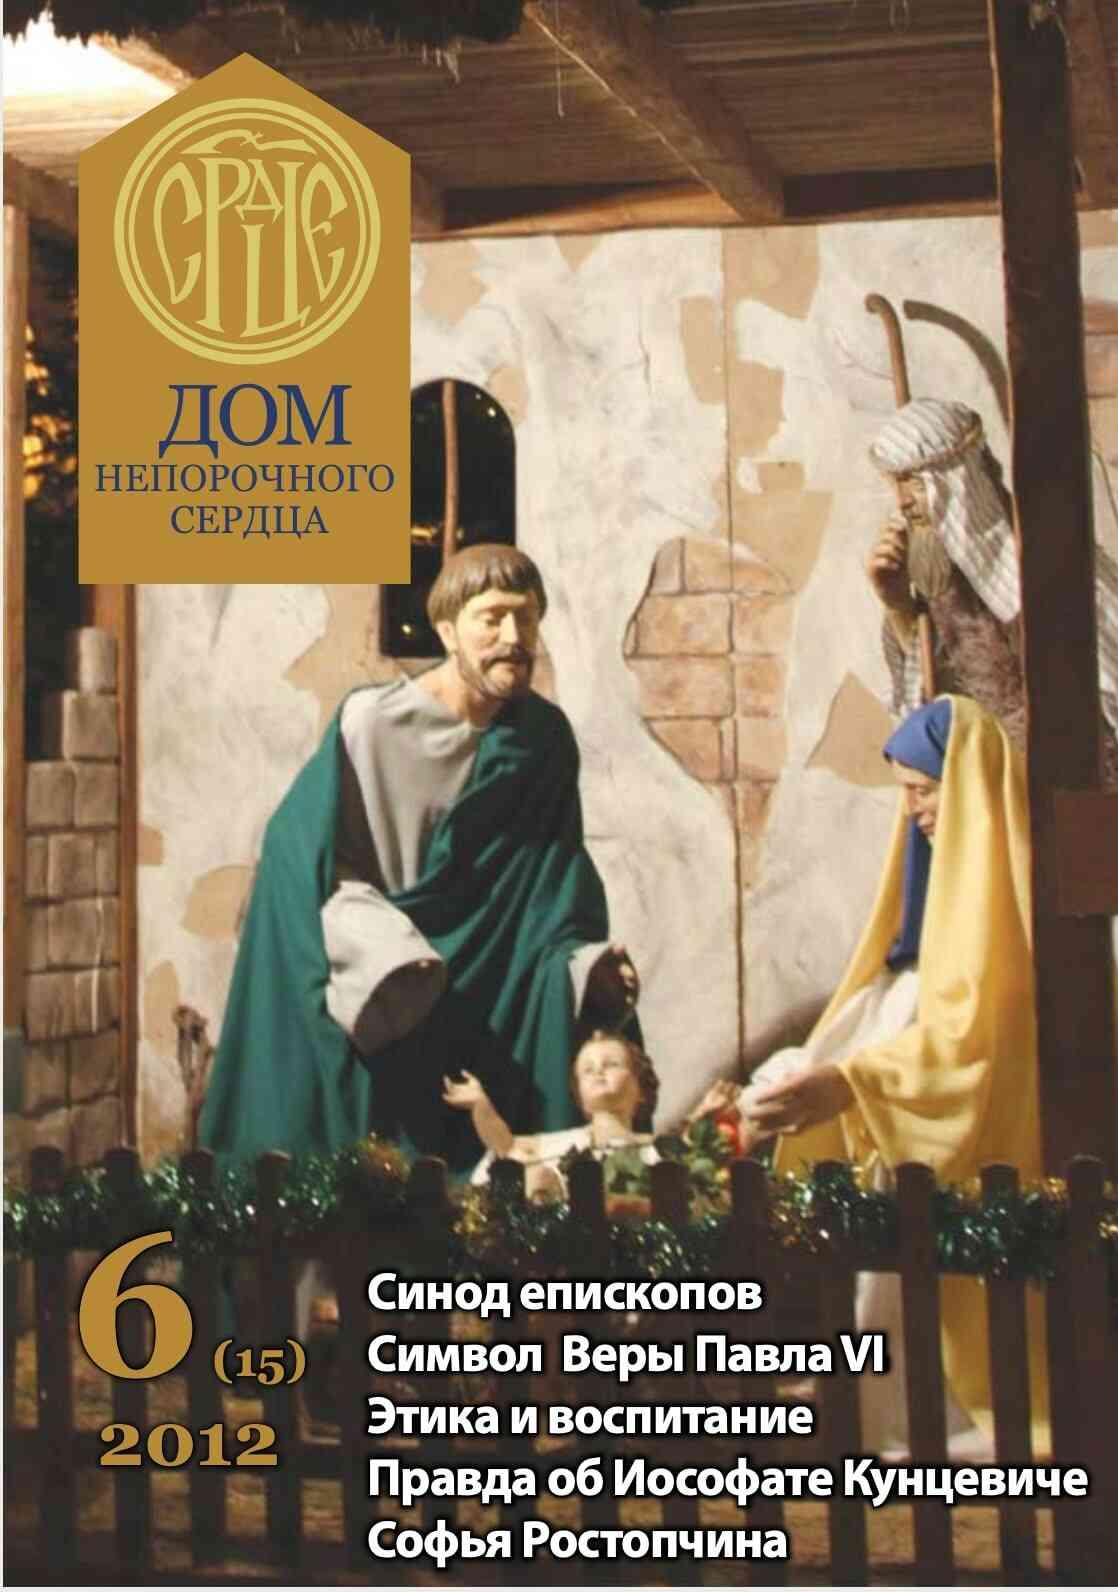 Журнал «Дом Непорочного Сердца» № 6 (15) 2012 год